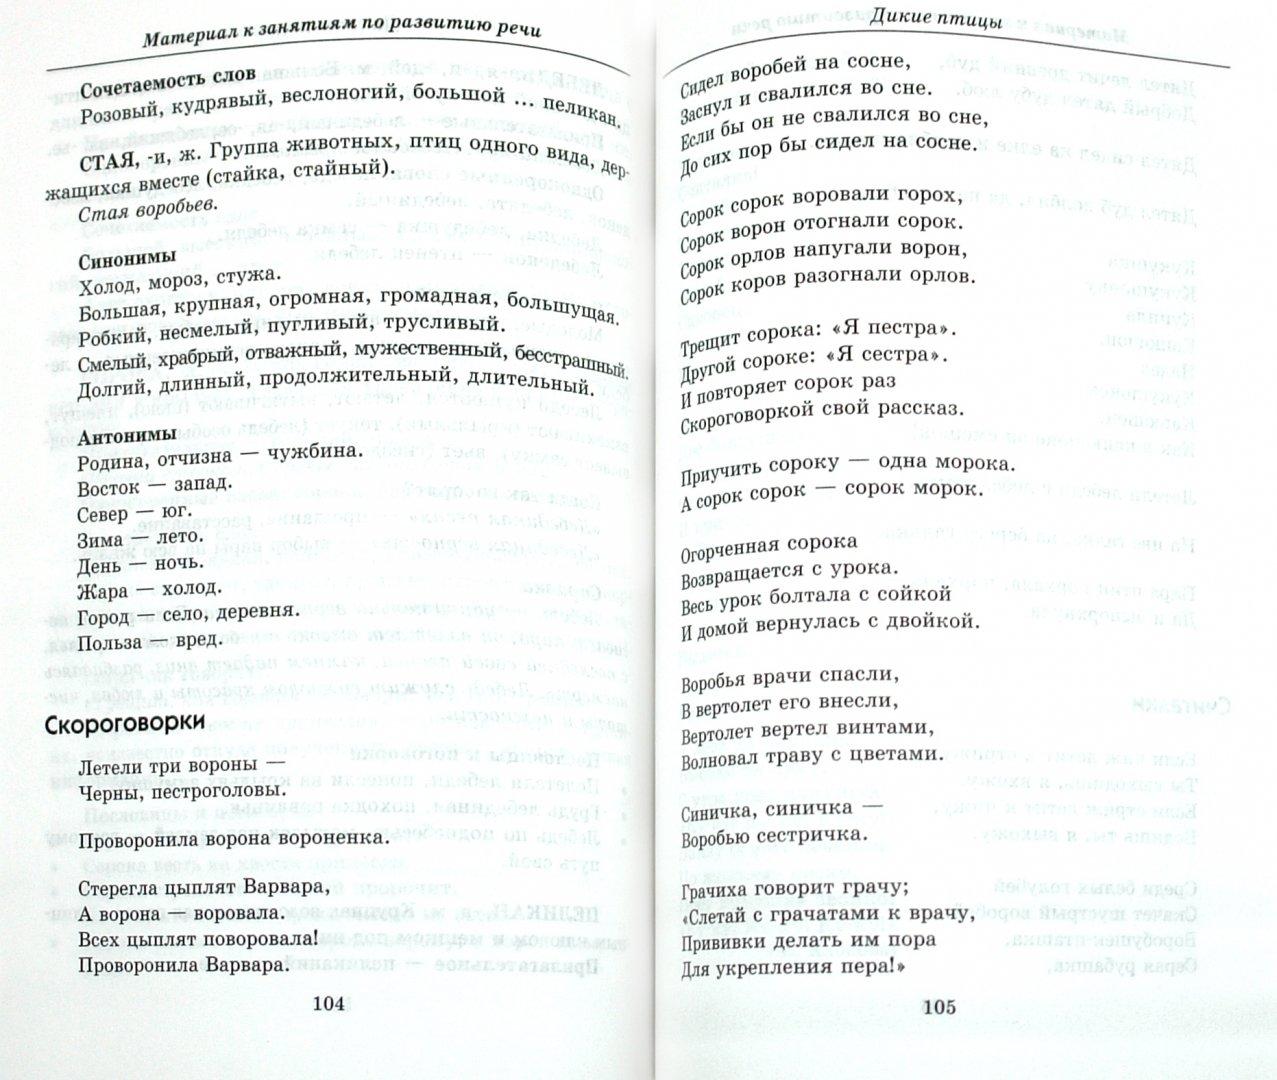 Иллюстрация 1 из 16 для Материал к занятиям по развитию речи. Дикие животные и птицы - Татьяна Подрезова | Лабиринт - книги. Источник: Лабиринт